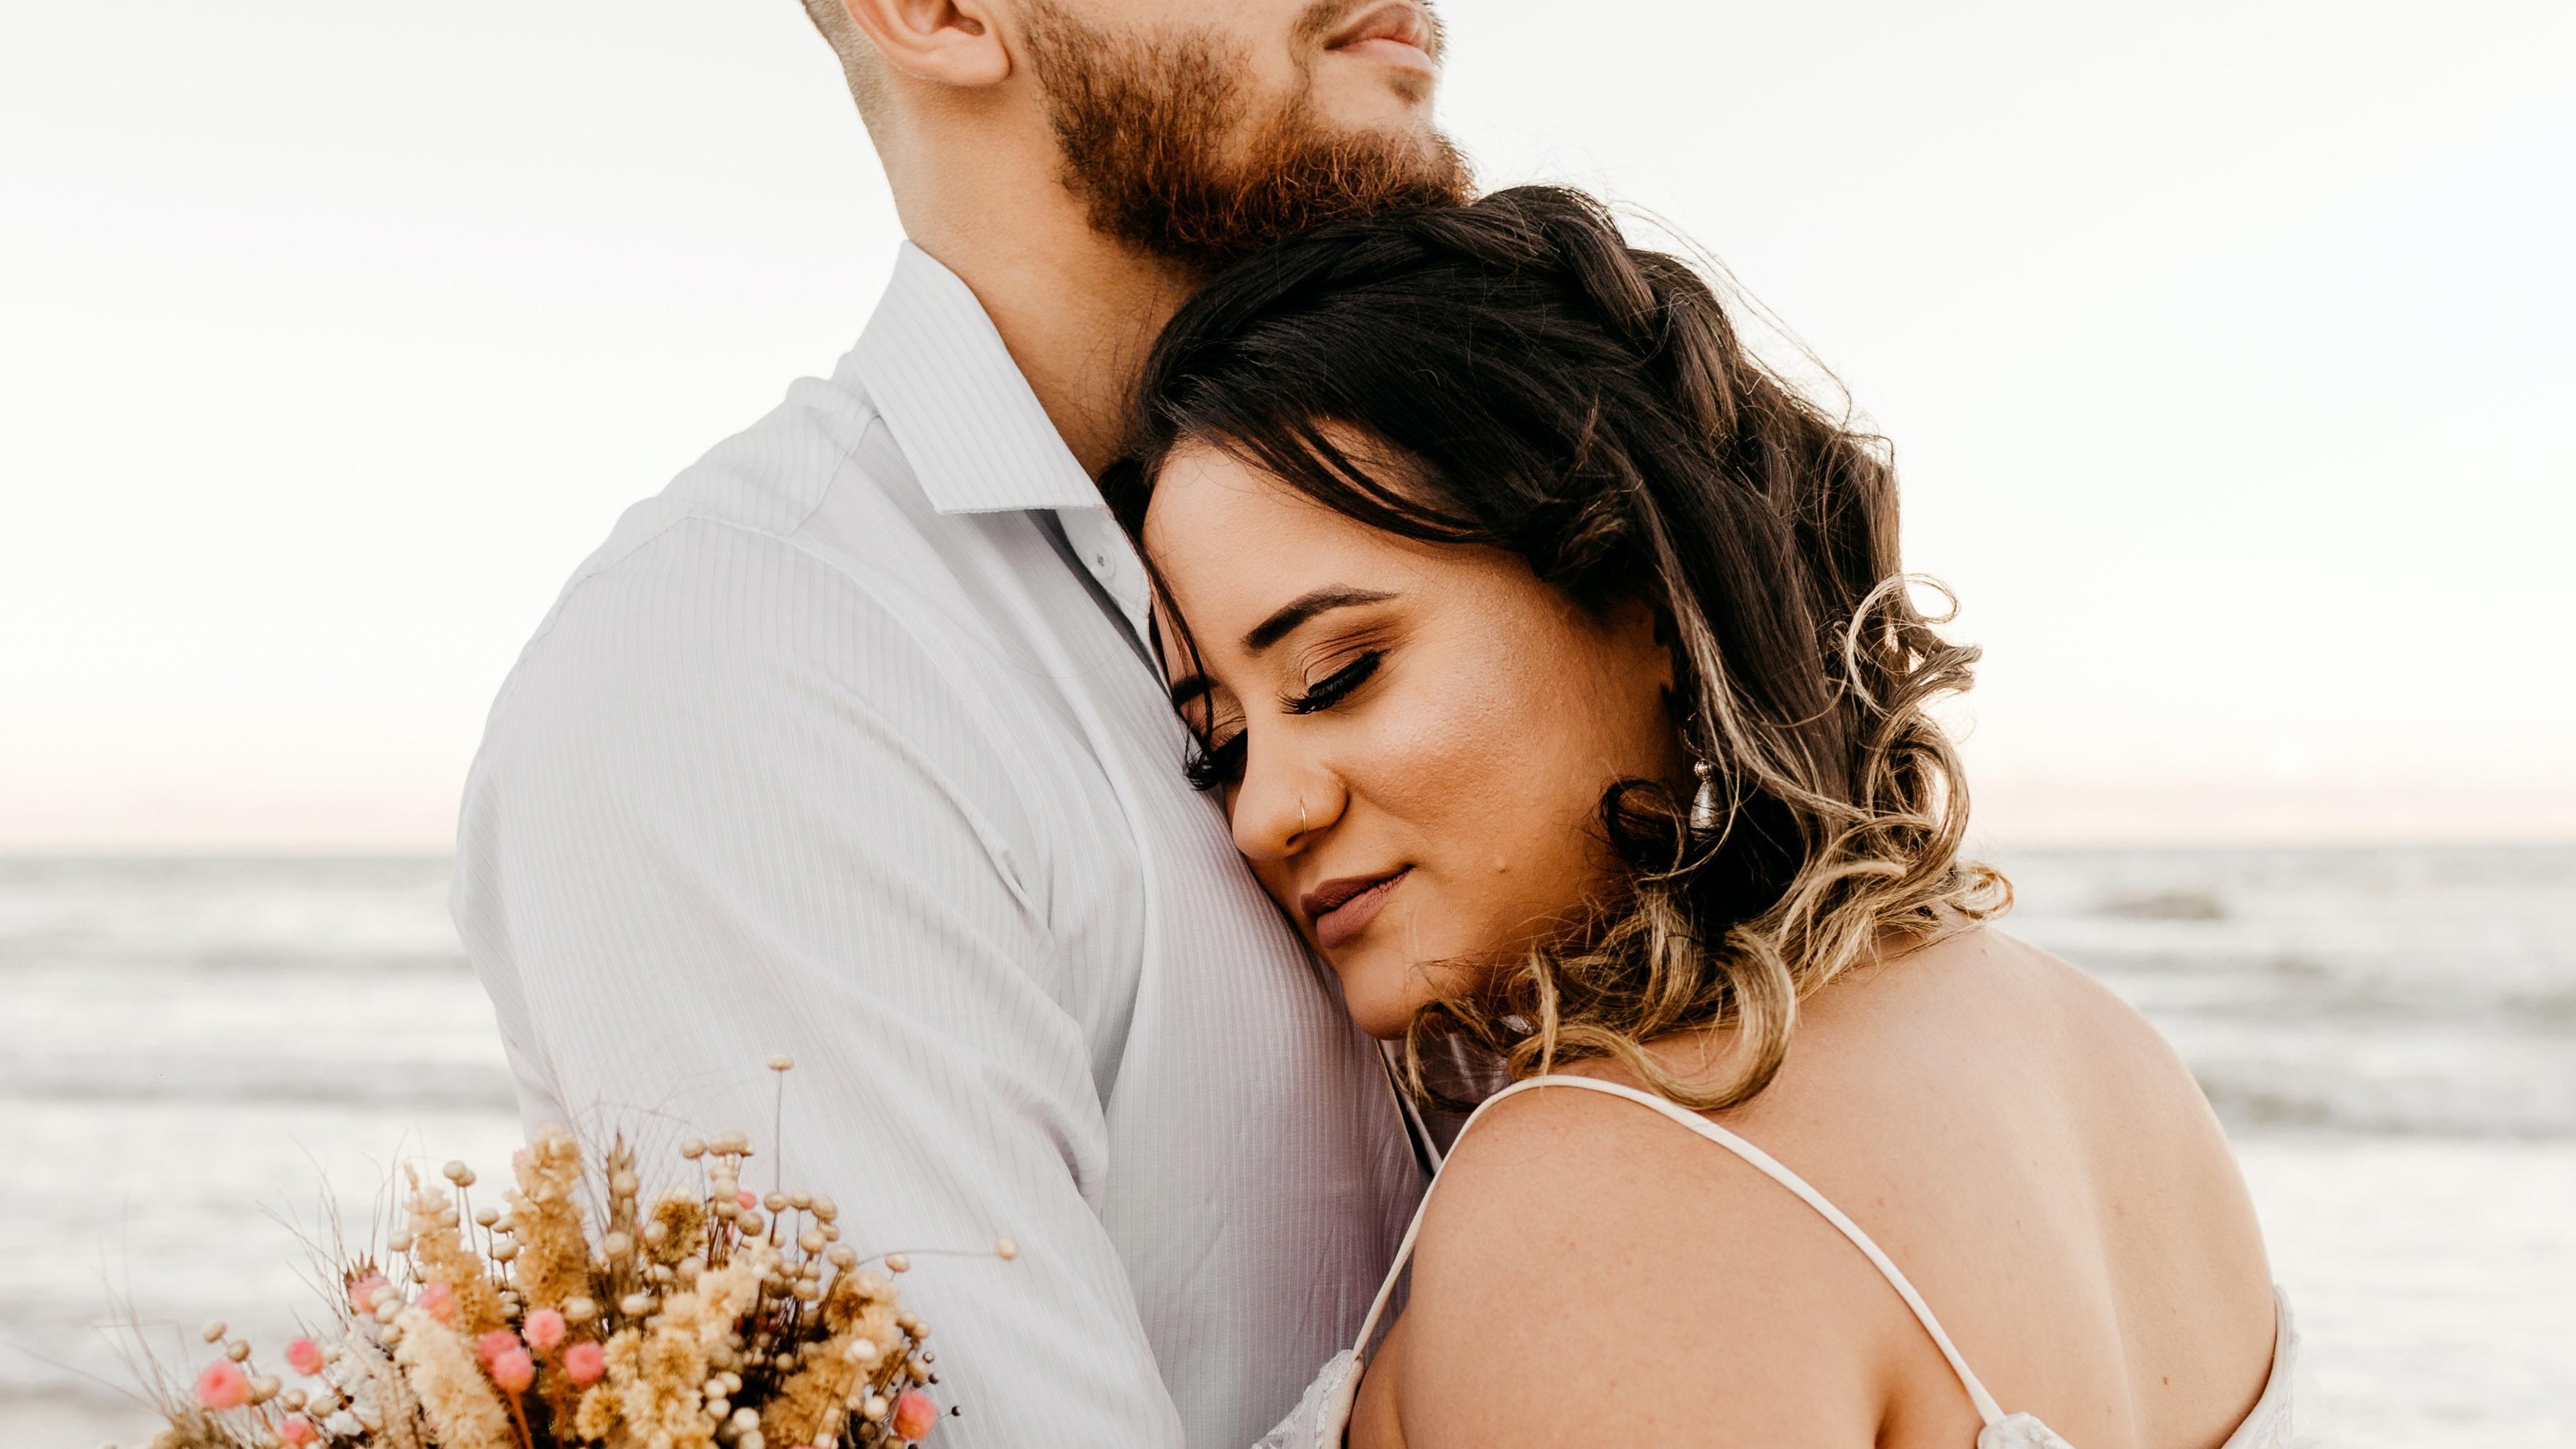 Eine polnische Hochzeit wird nicht nur vom Paar genossen.